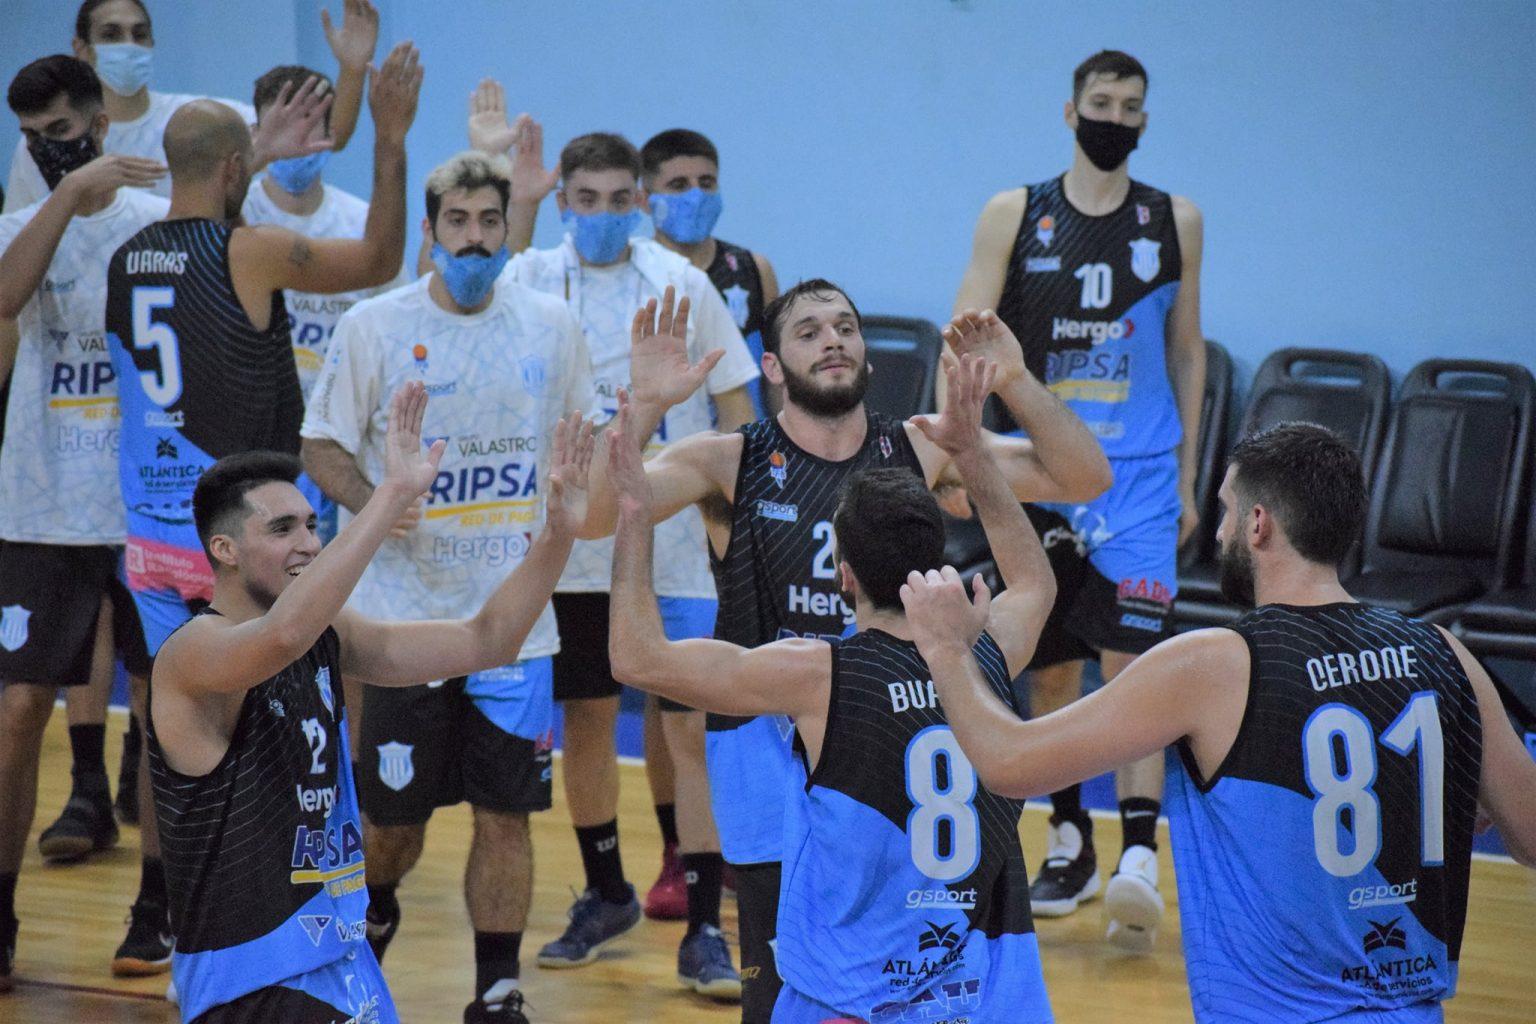 Los Cuartos de Final se disputarán en Mar del Plata